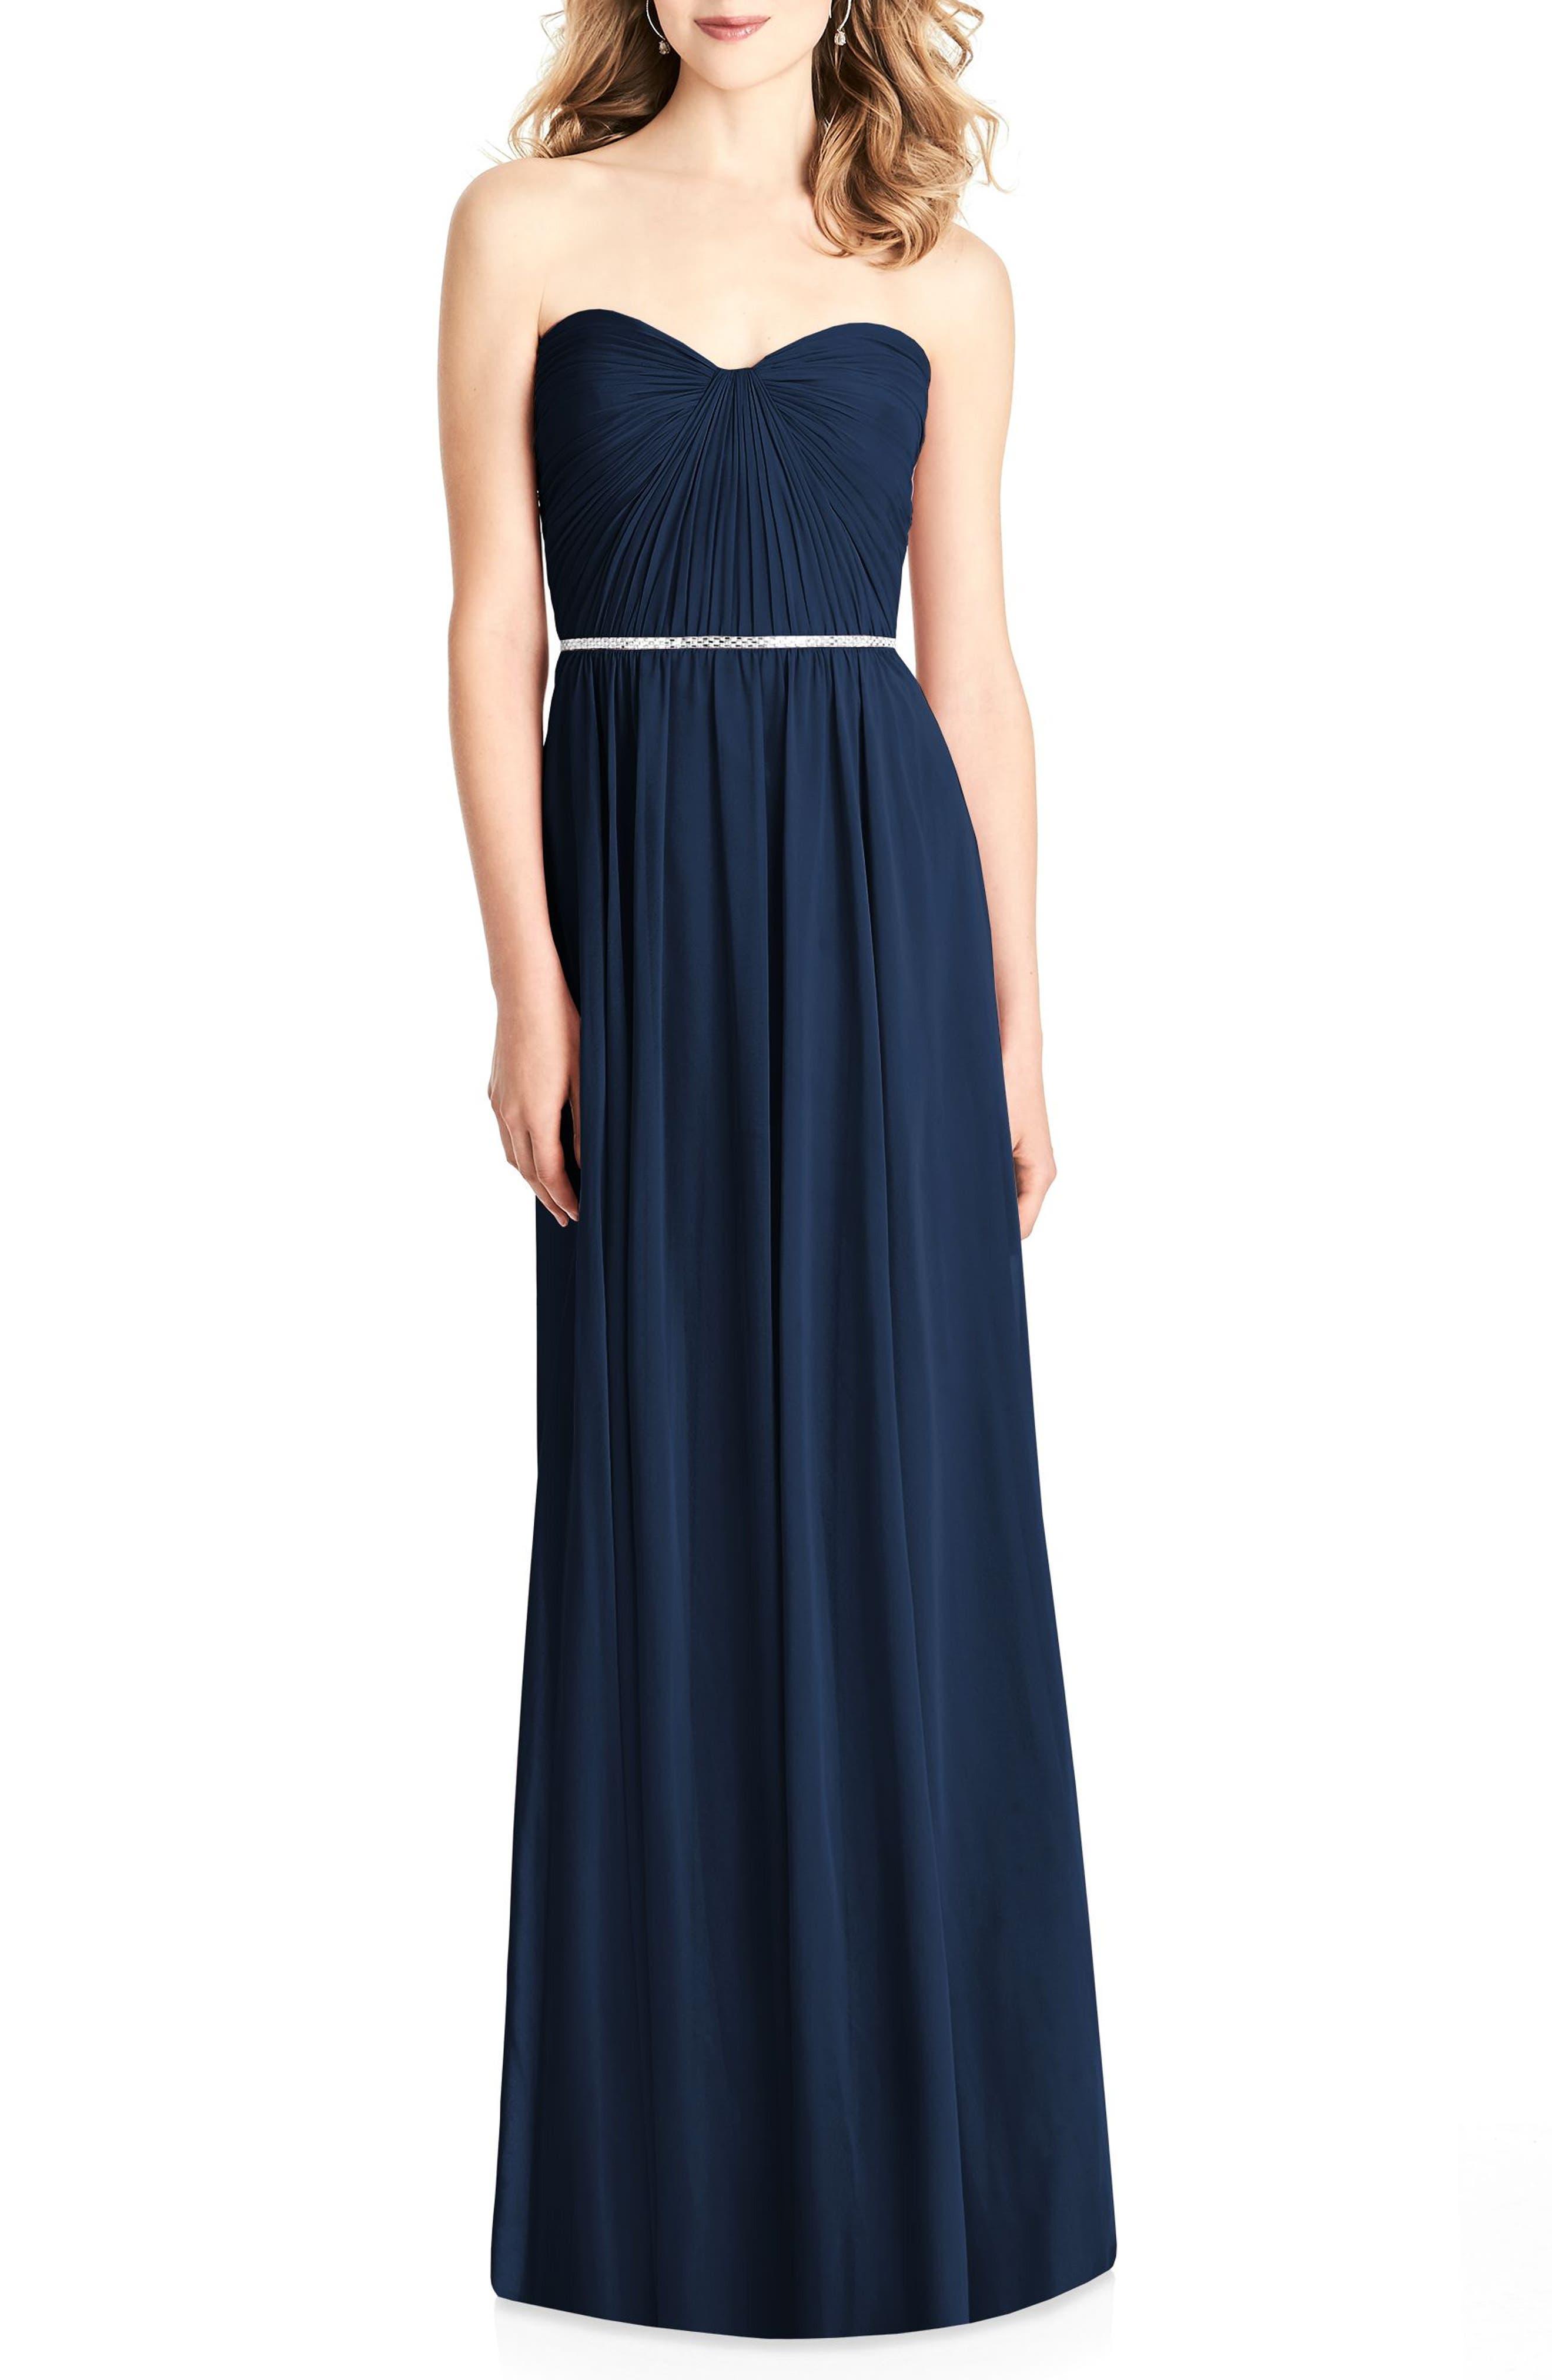 Jenny Packham Strapless Chiffon Gown, Blue